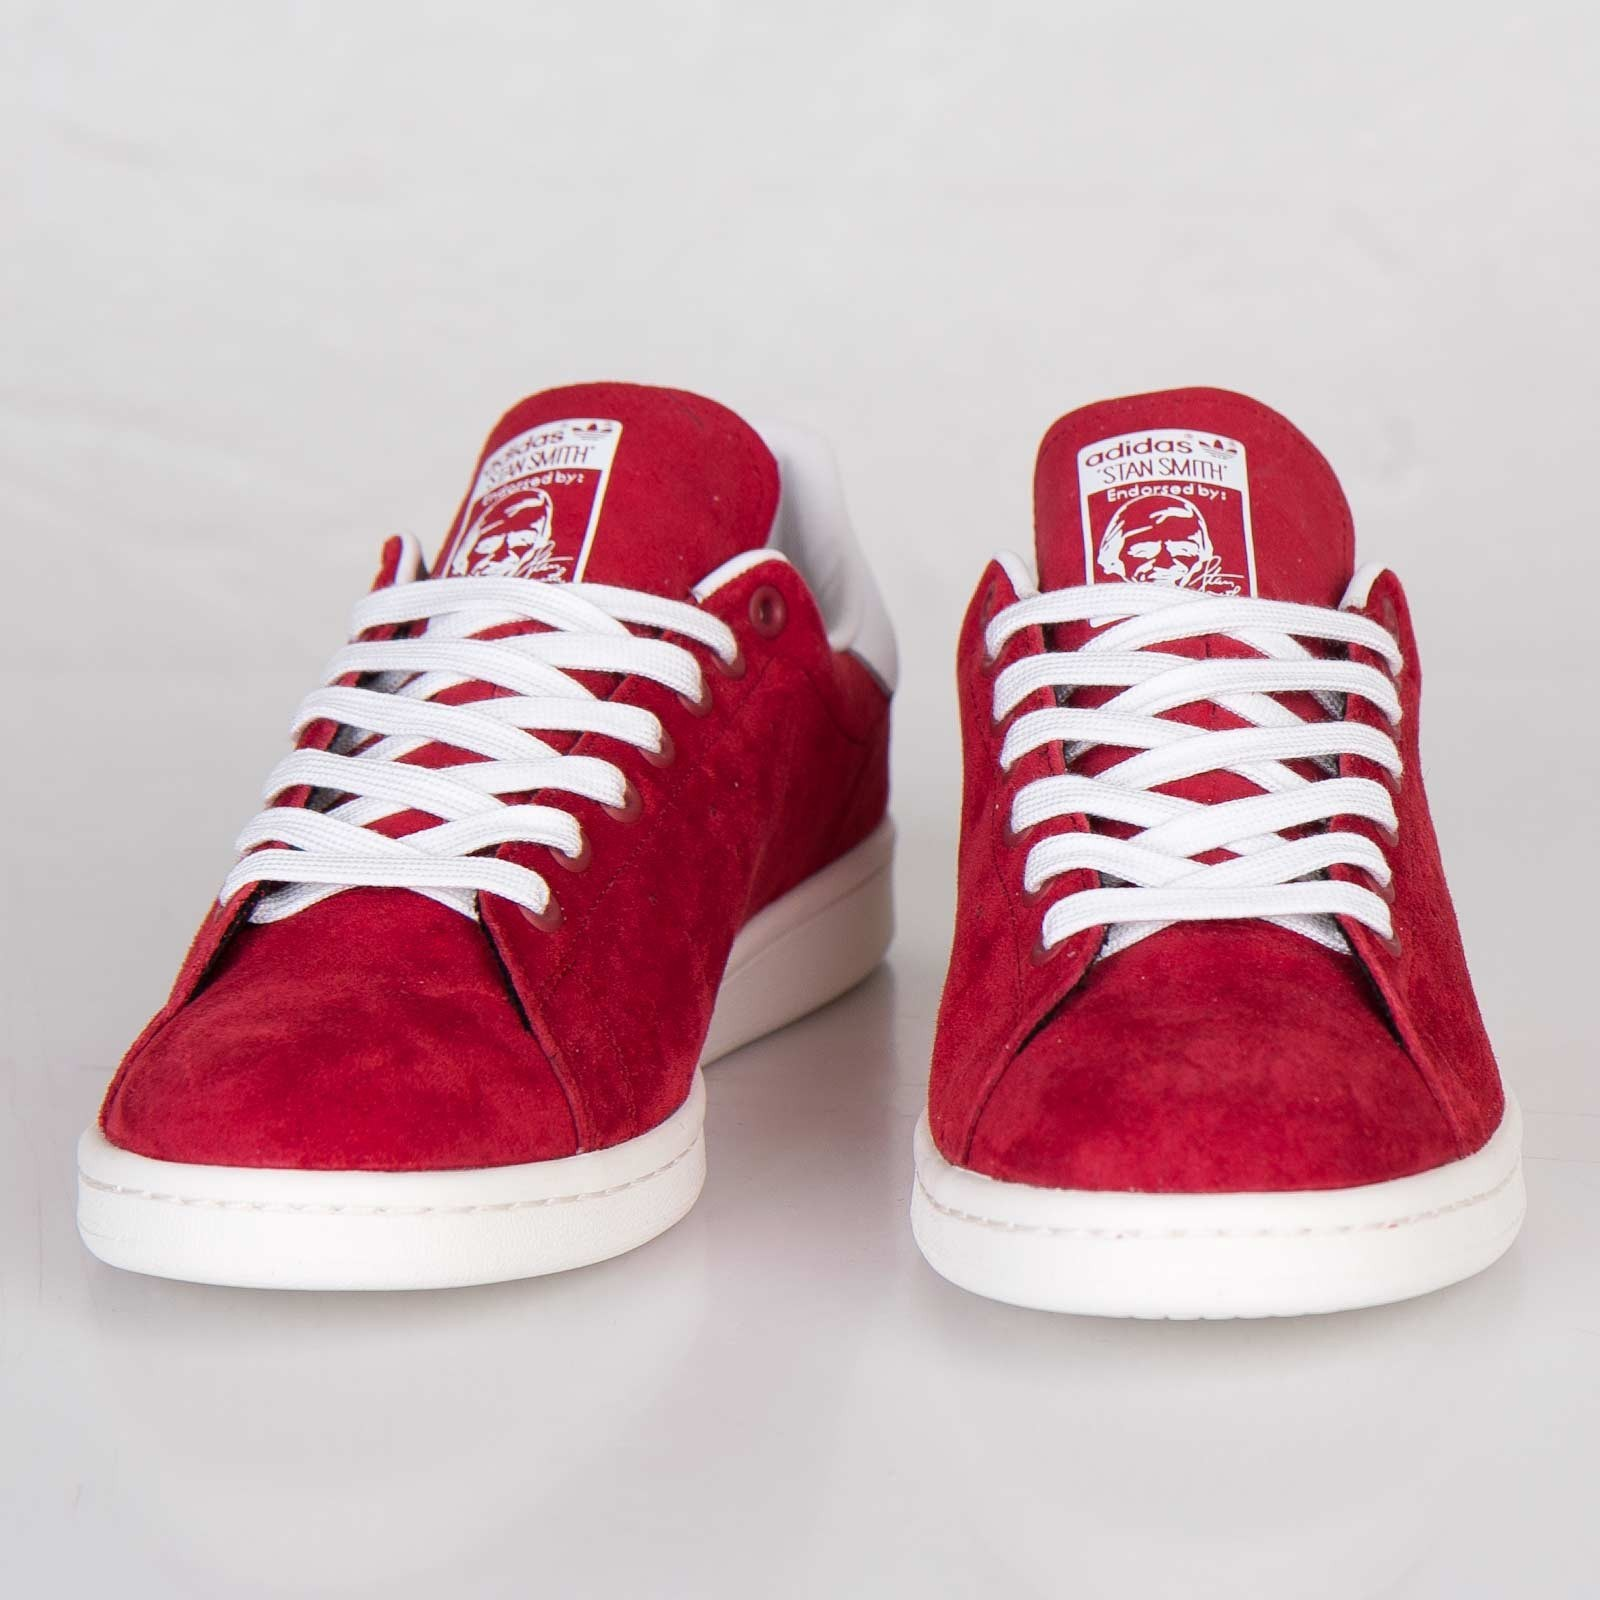 meilleur site web fef83 da557 adidas stan smith rouge daim femme